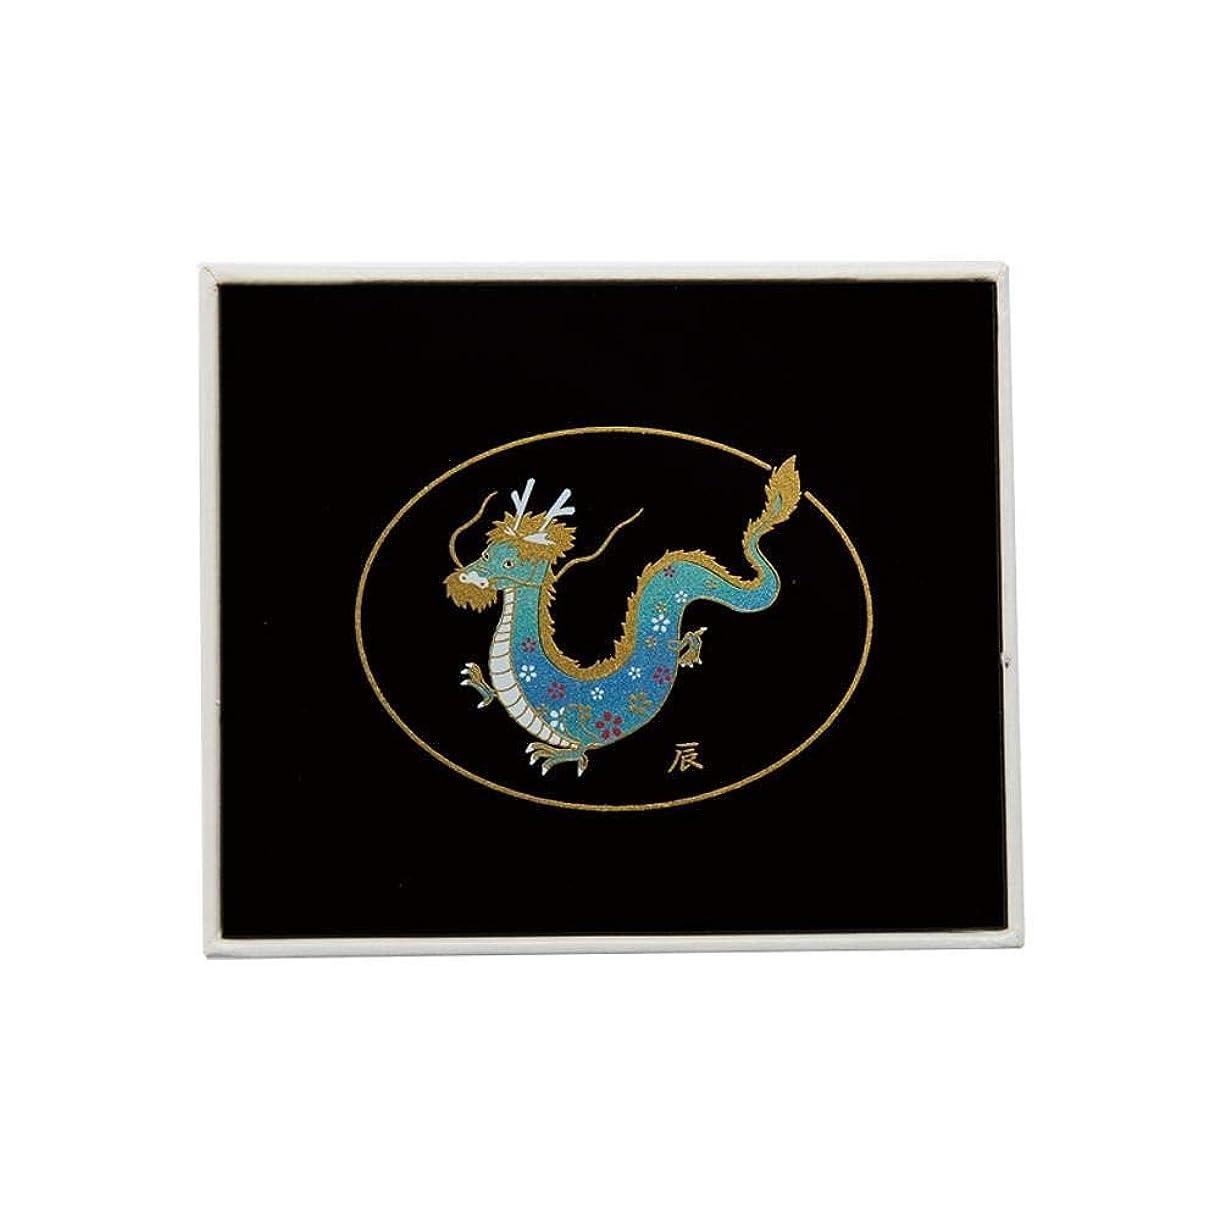 阻害する限られたバングラデシュTEETH BOX 辰(黒 蒔絵) 0001074